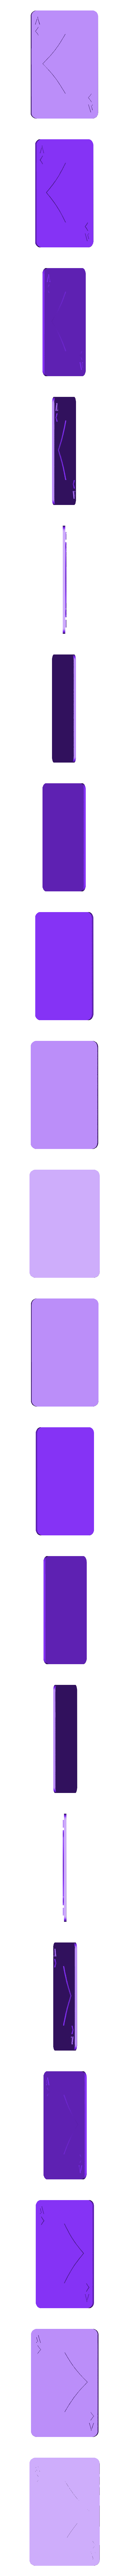 Diamonds_1_bump.stl Télécharger fichier SCAD gratuit Les cartes à jouer • Objet imprimable en 3D, yvrogne59